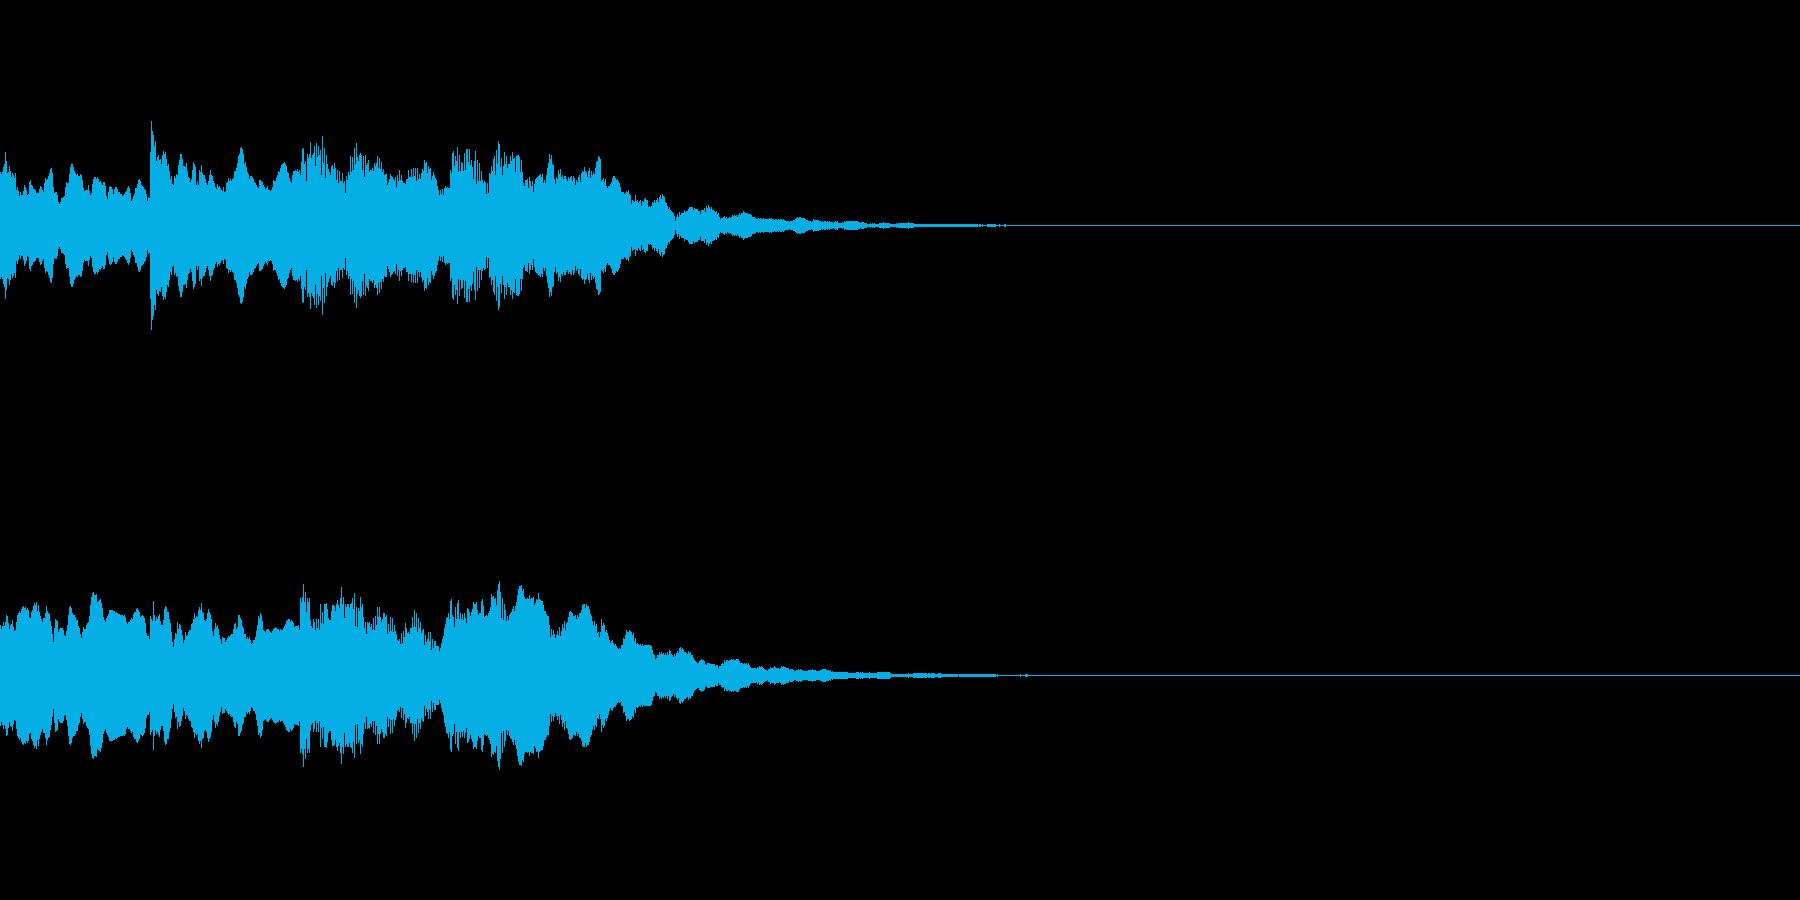 ピンポンパンポン シンセ 下降の再生済みの波形